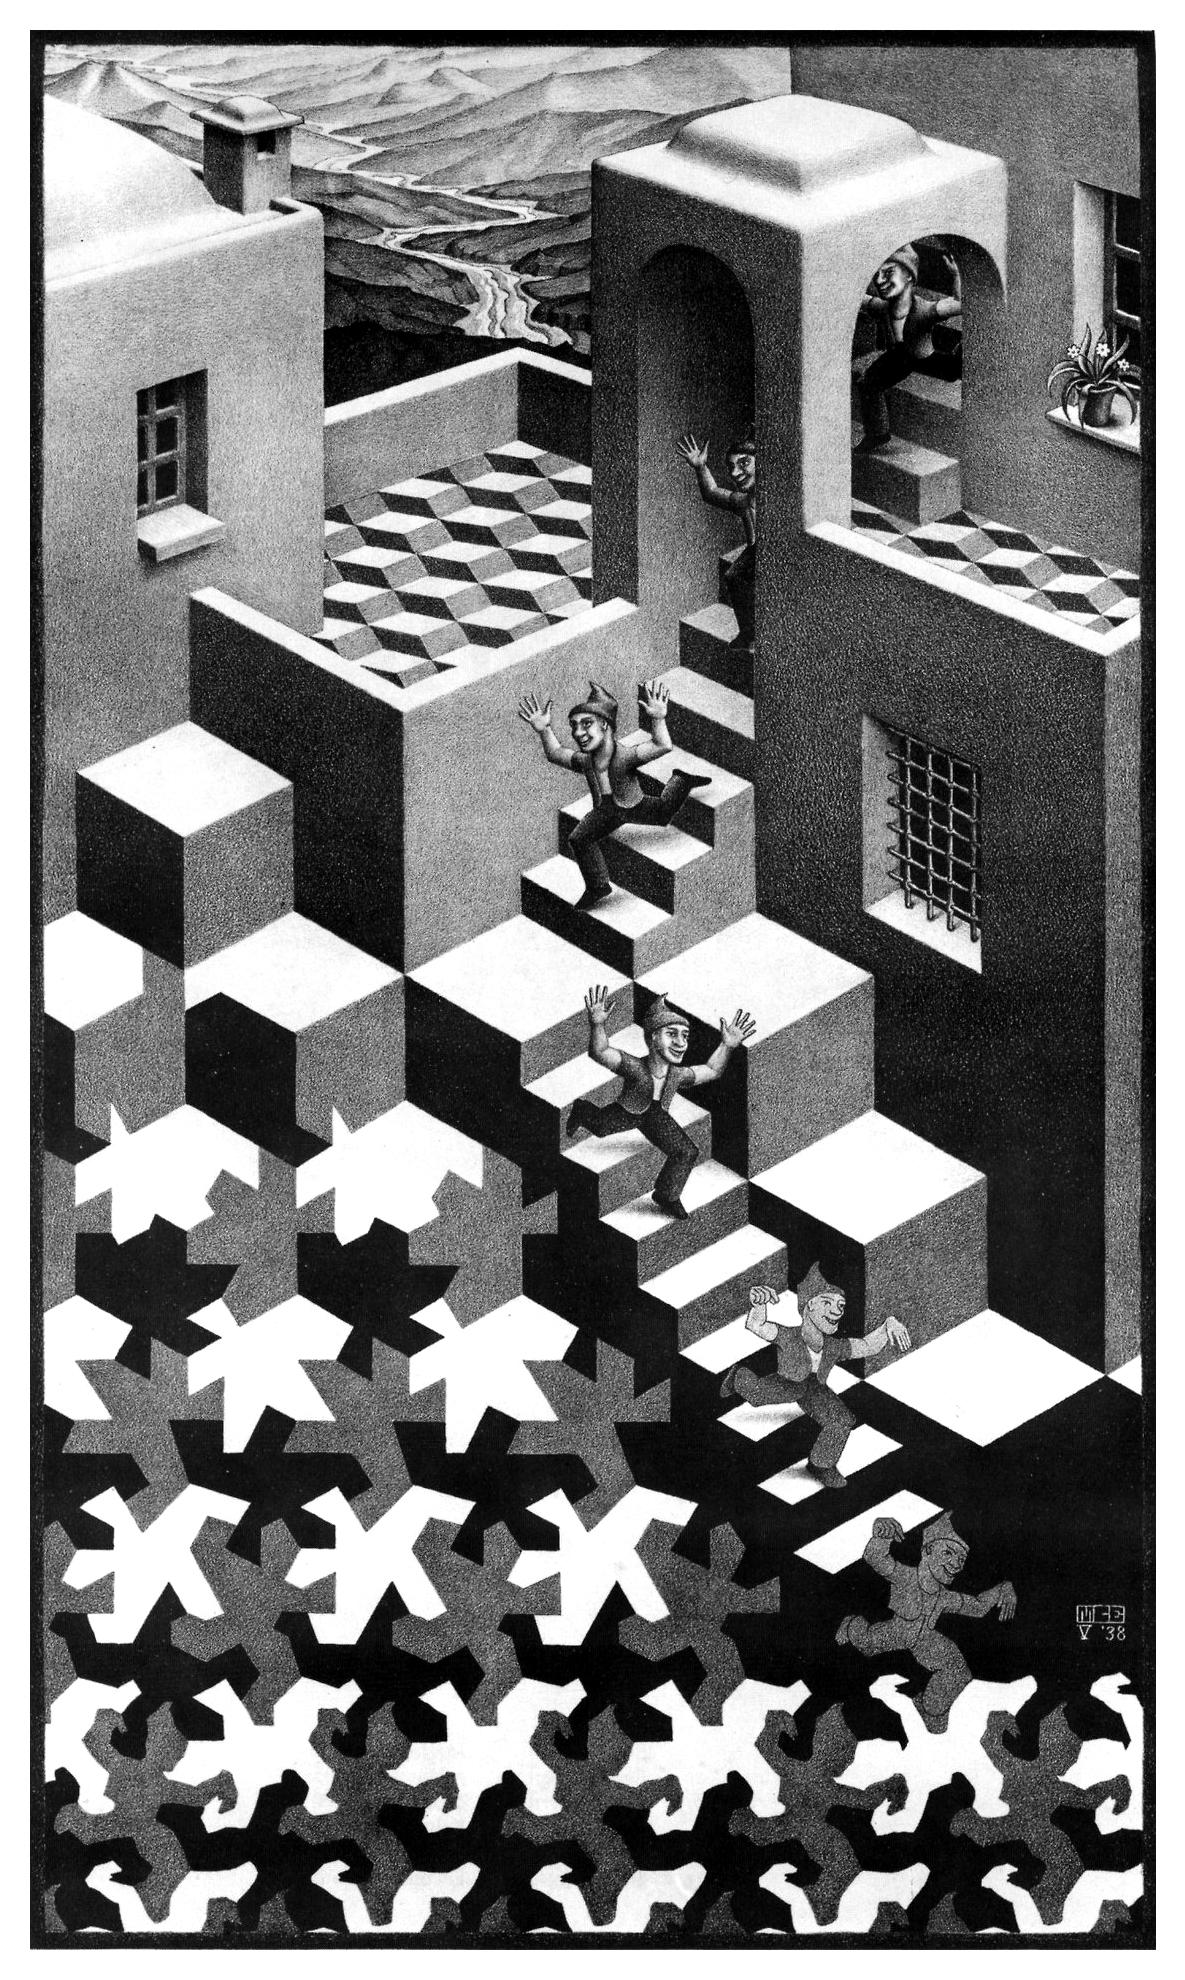 1185x1980 Cycle, Lithograph By M.c. Escher, 1938. M.c. Escher